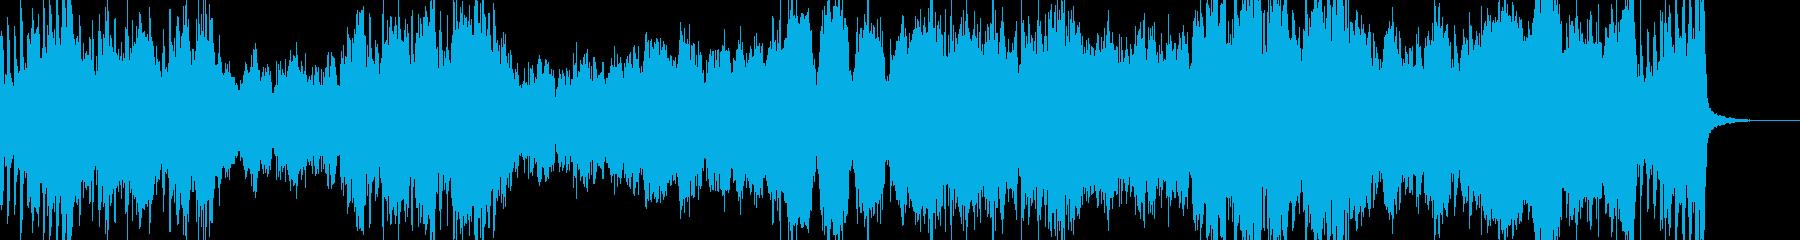 バトル オーケストラ RPGの再生済みの波形